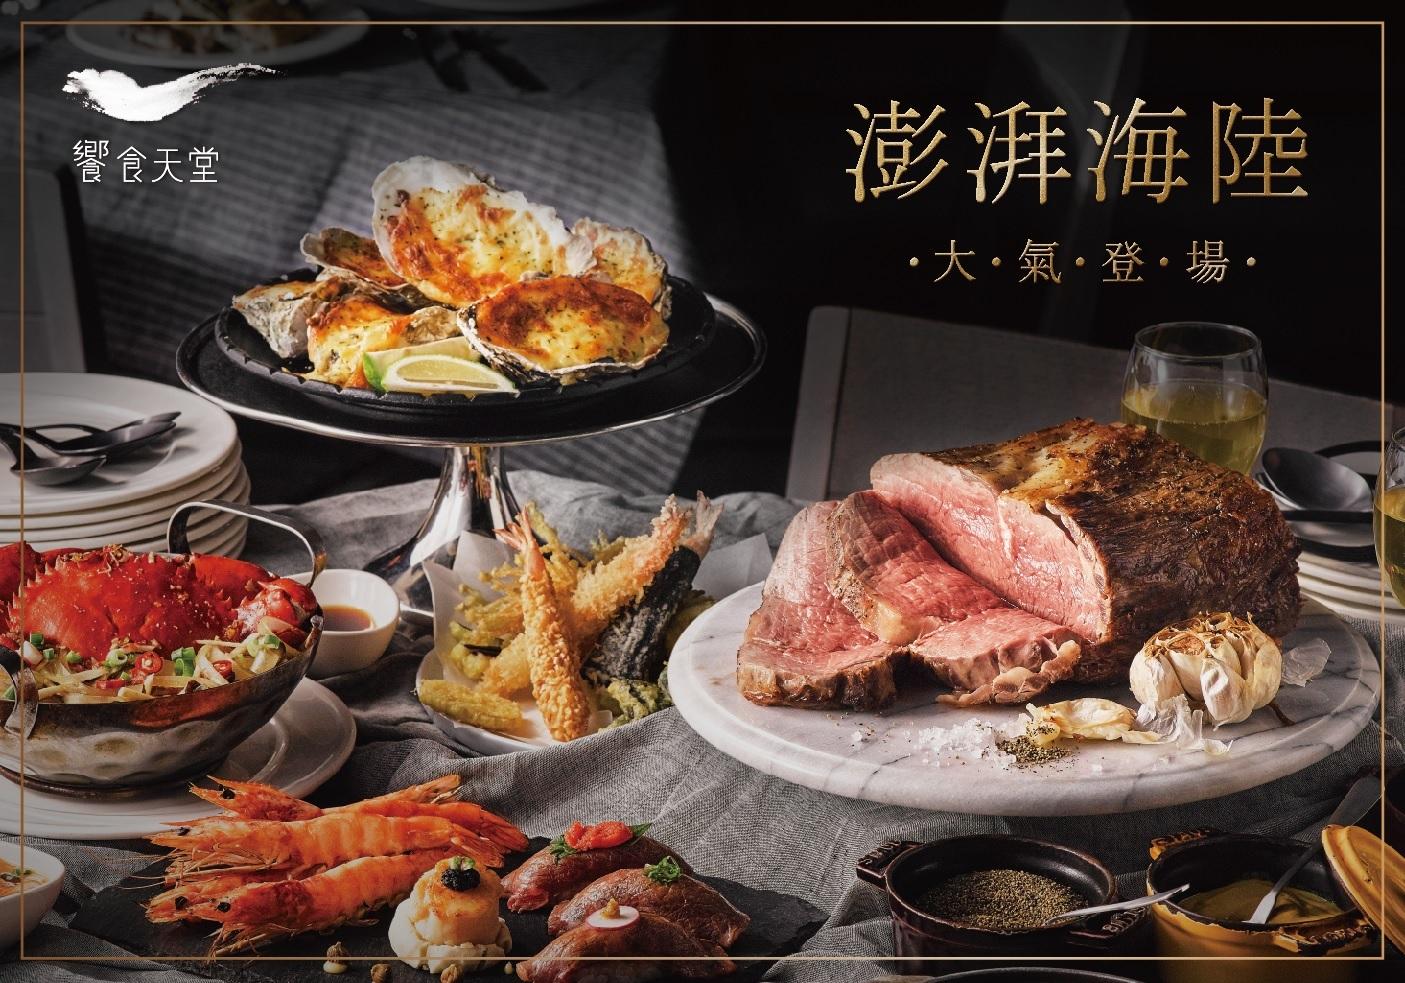 饗食天堂餐券 - GamblePlus - 娛樂城優惠網